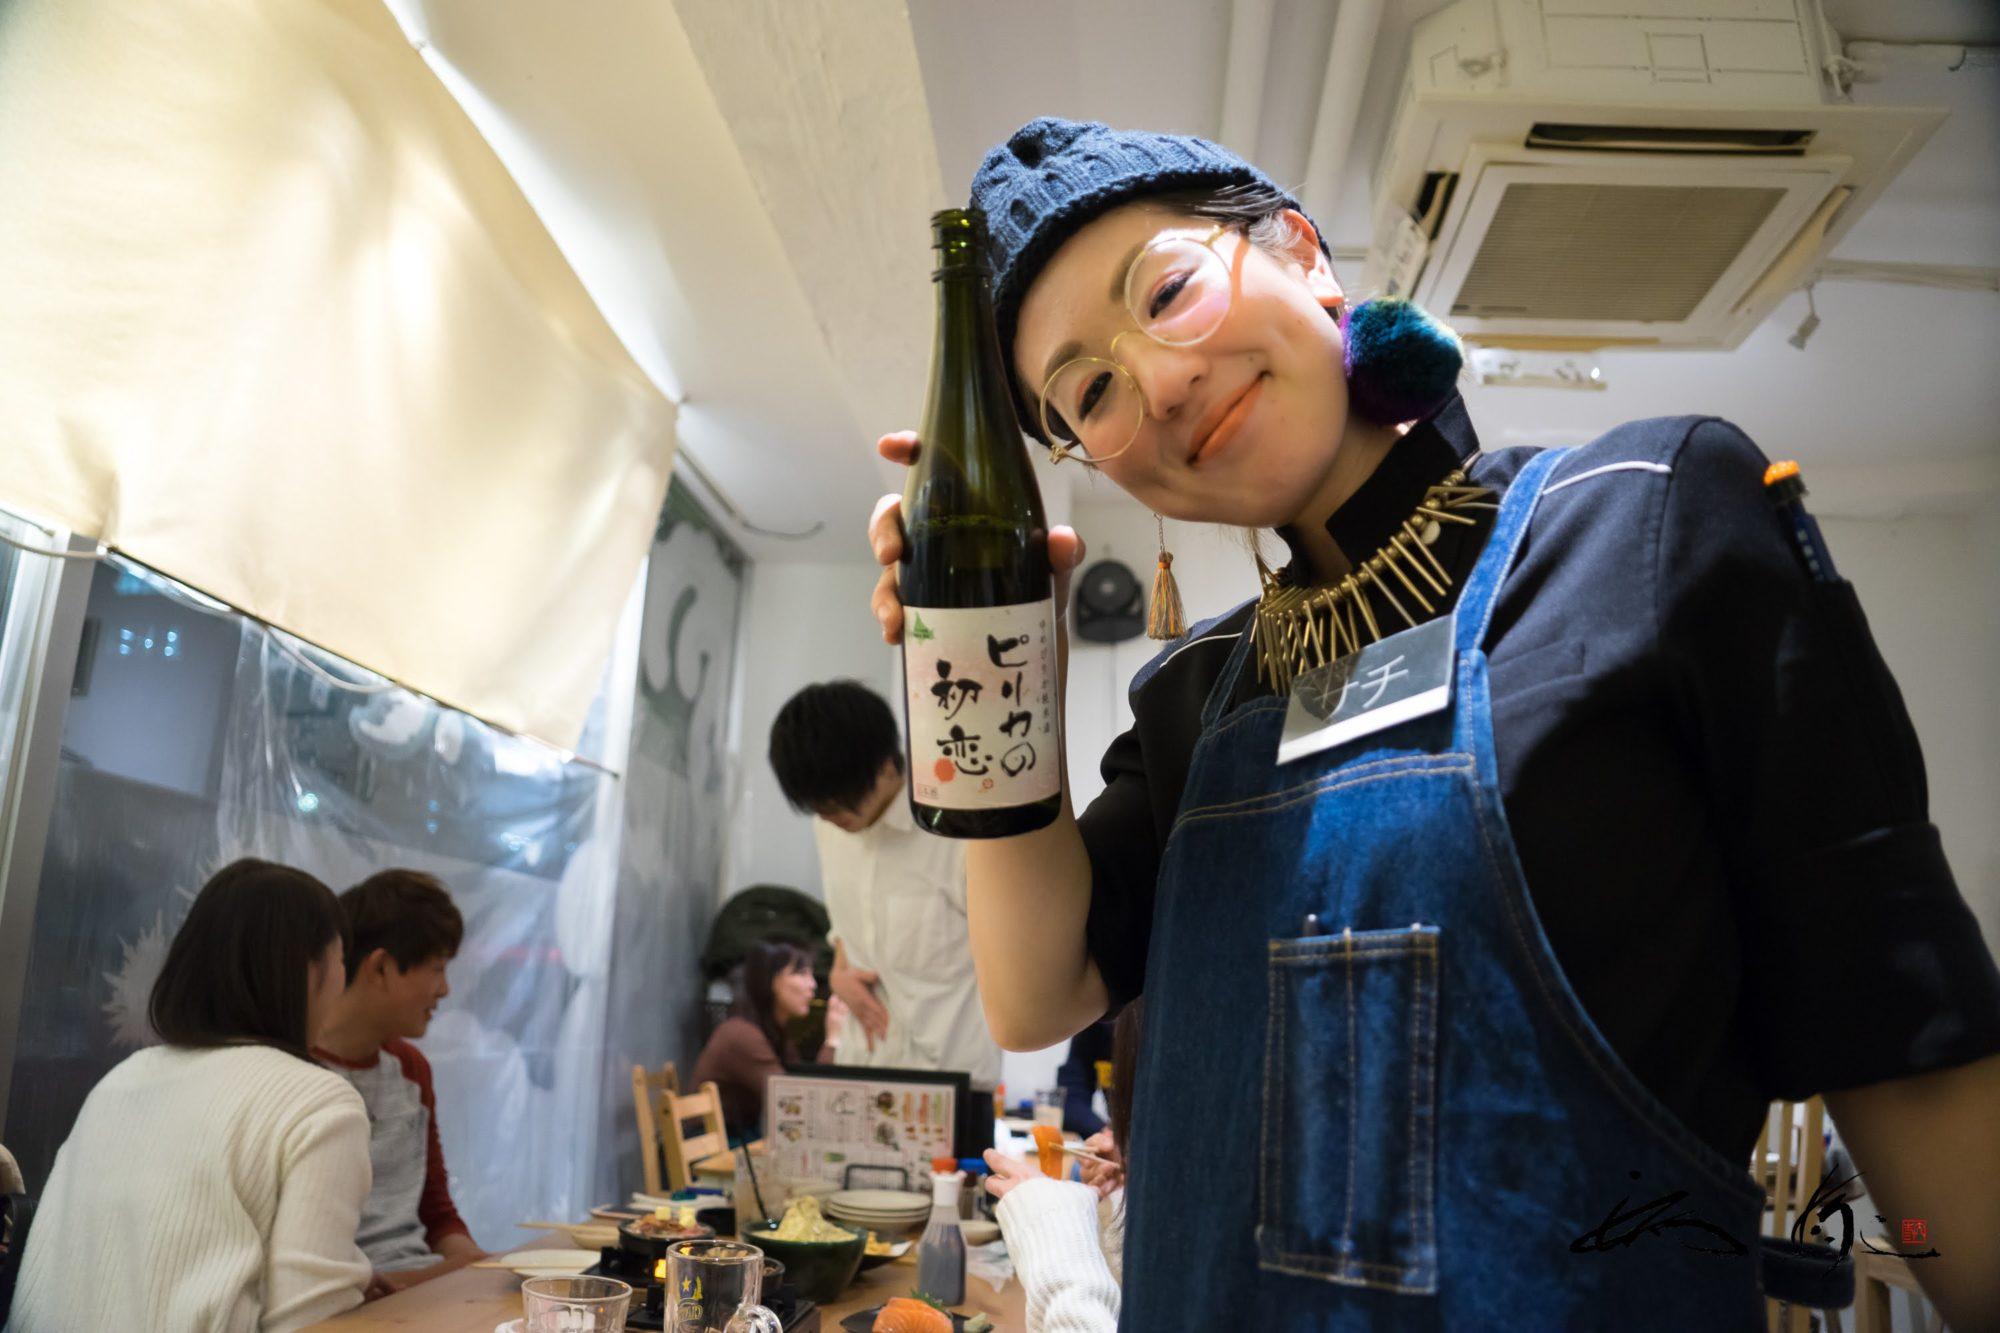 海さくら 蝦夷海(札幌市)赤い鳥居が鎮座する女将サチさんこだわりの居酒屋